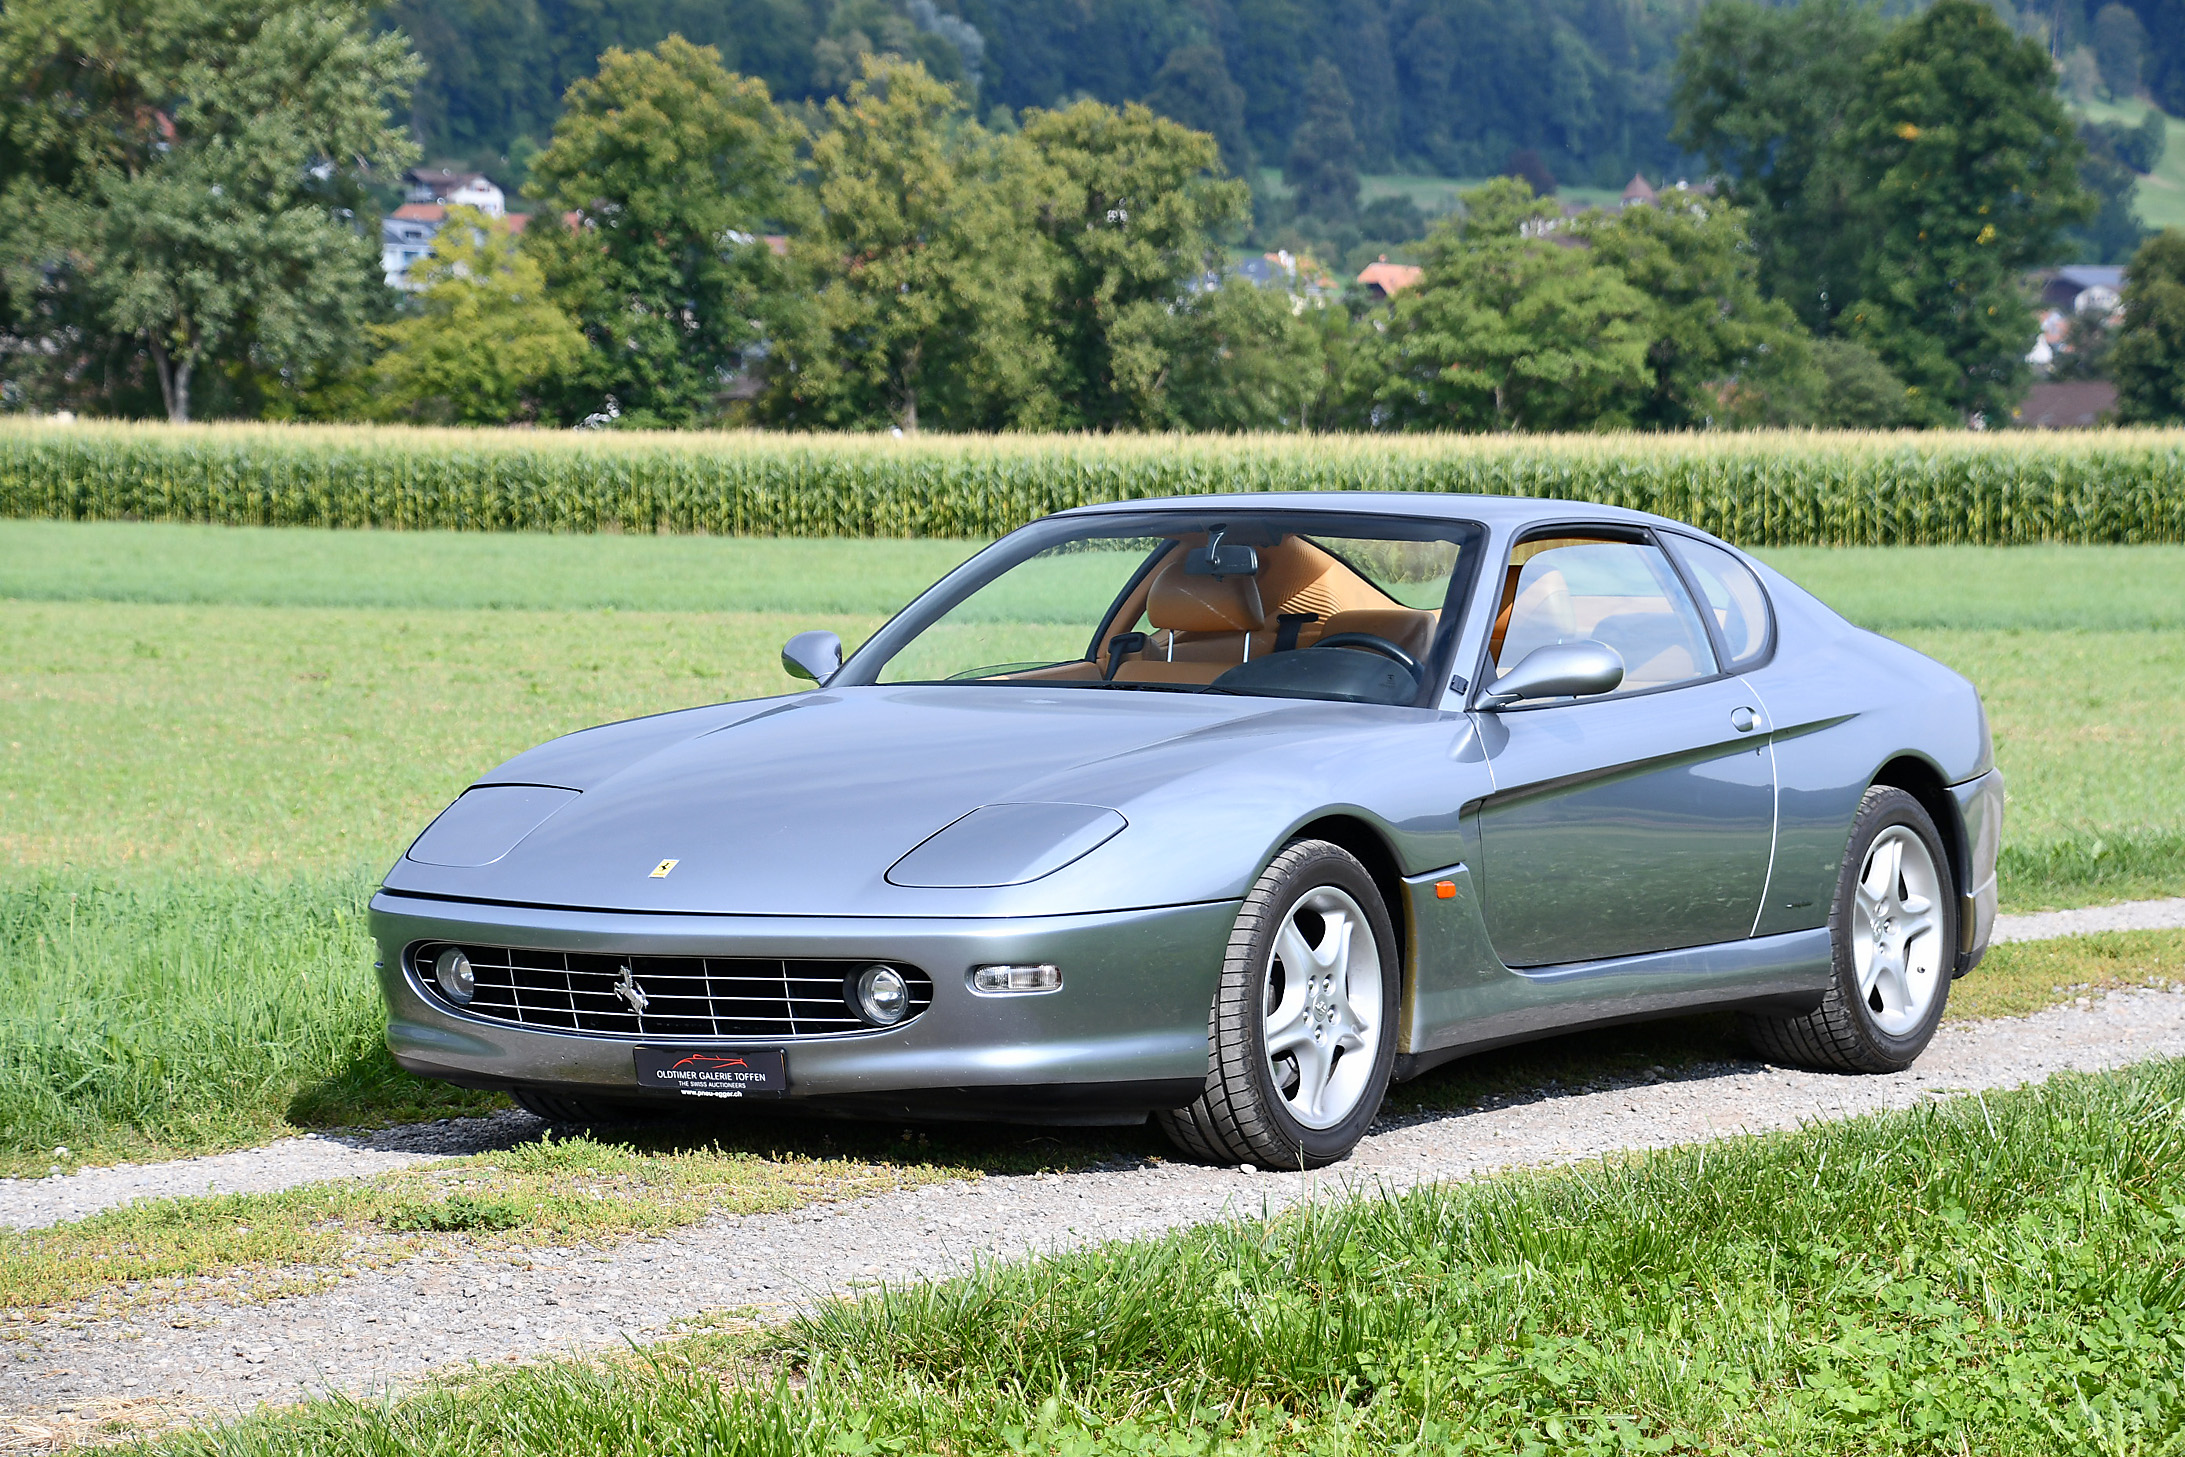 Ferrari 456 M GT 2002 Oldtimer Galerie Toffen asta